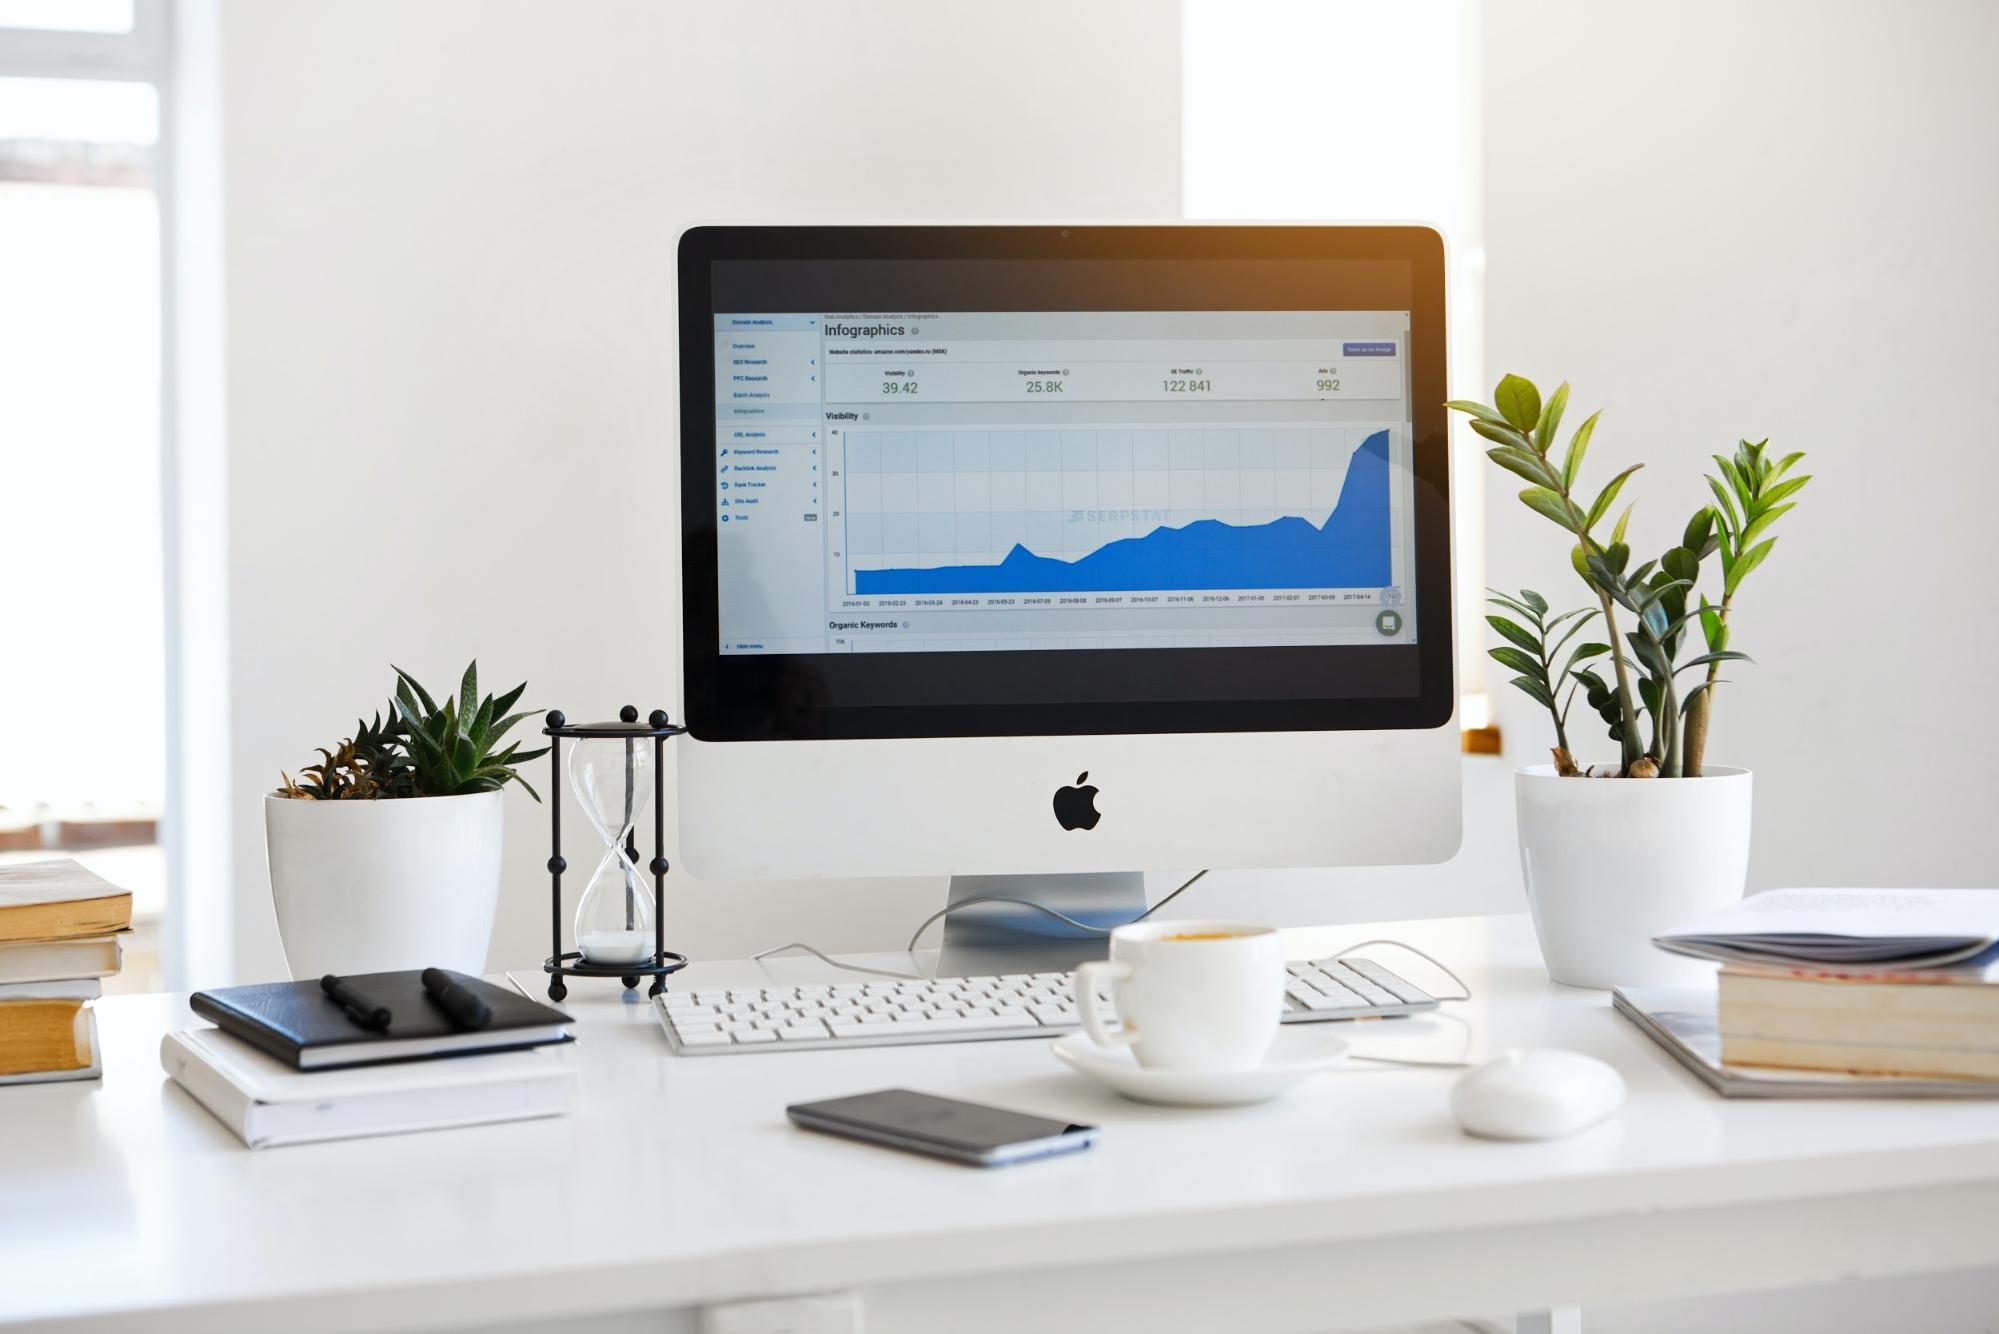 網路廣告費用基礎介紹:Google、臉書、IG廣告收費 - 廣告阿倫|網路行銷加速器